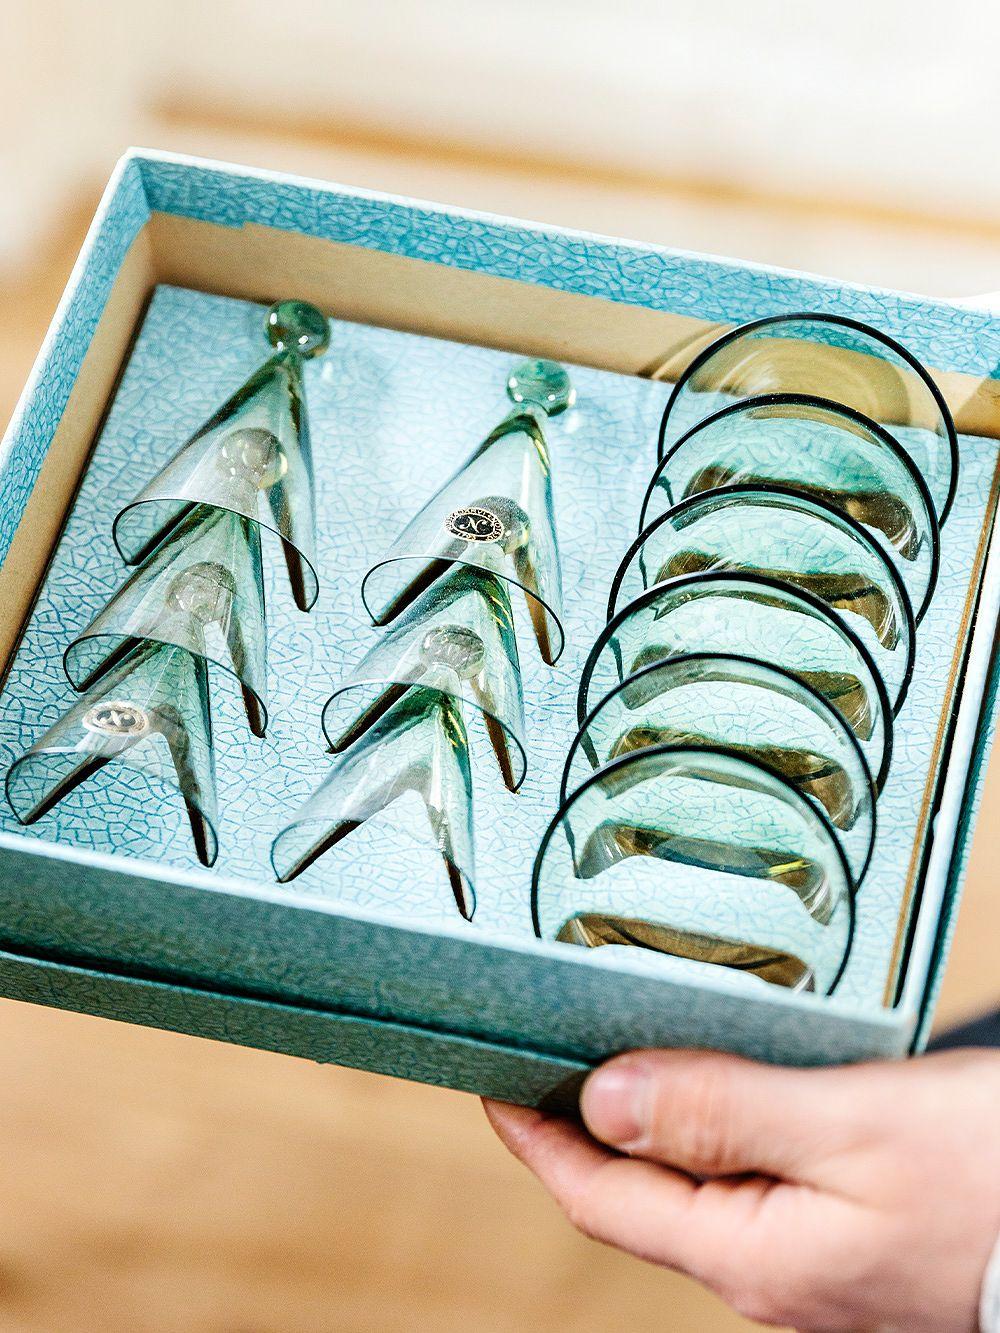 Nuutajärvi schnapps glasses by Kaj Franck